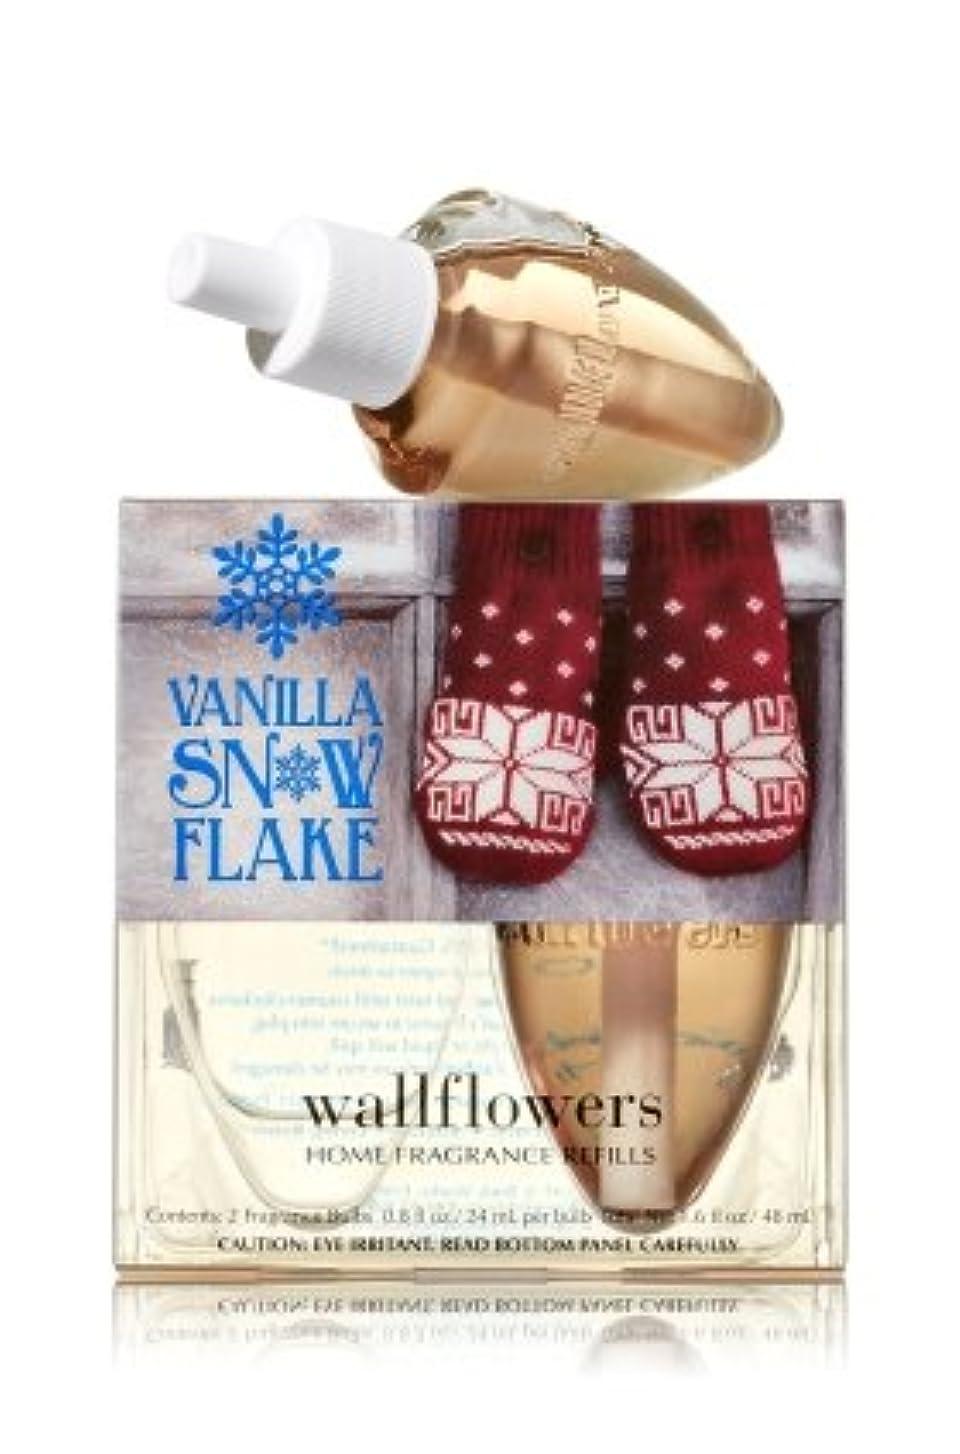 反逆者カヌー風味【Bath&Body Works/バス&ボディワークス】 ルームフレグランス 詰替えリフィル(2個入り) バニラスノーフレーク Wallflowers Home Fragrance 2-Pack Refills Vanilla Snowflake [並行輸入品]